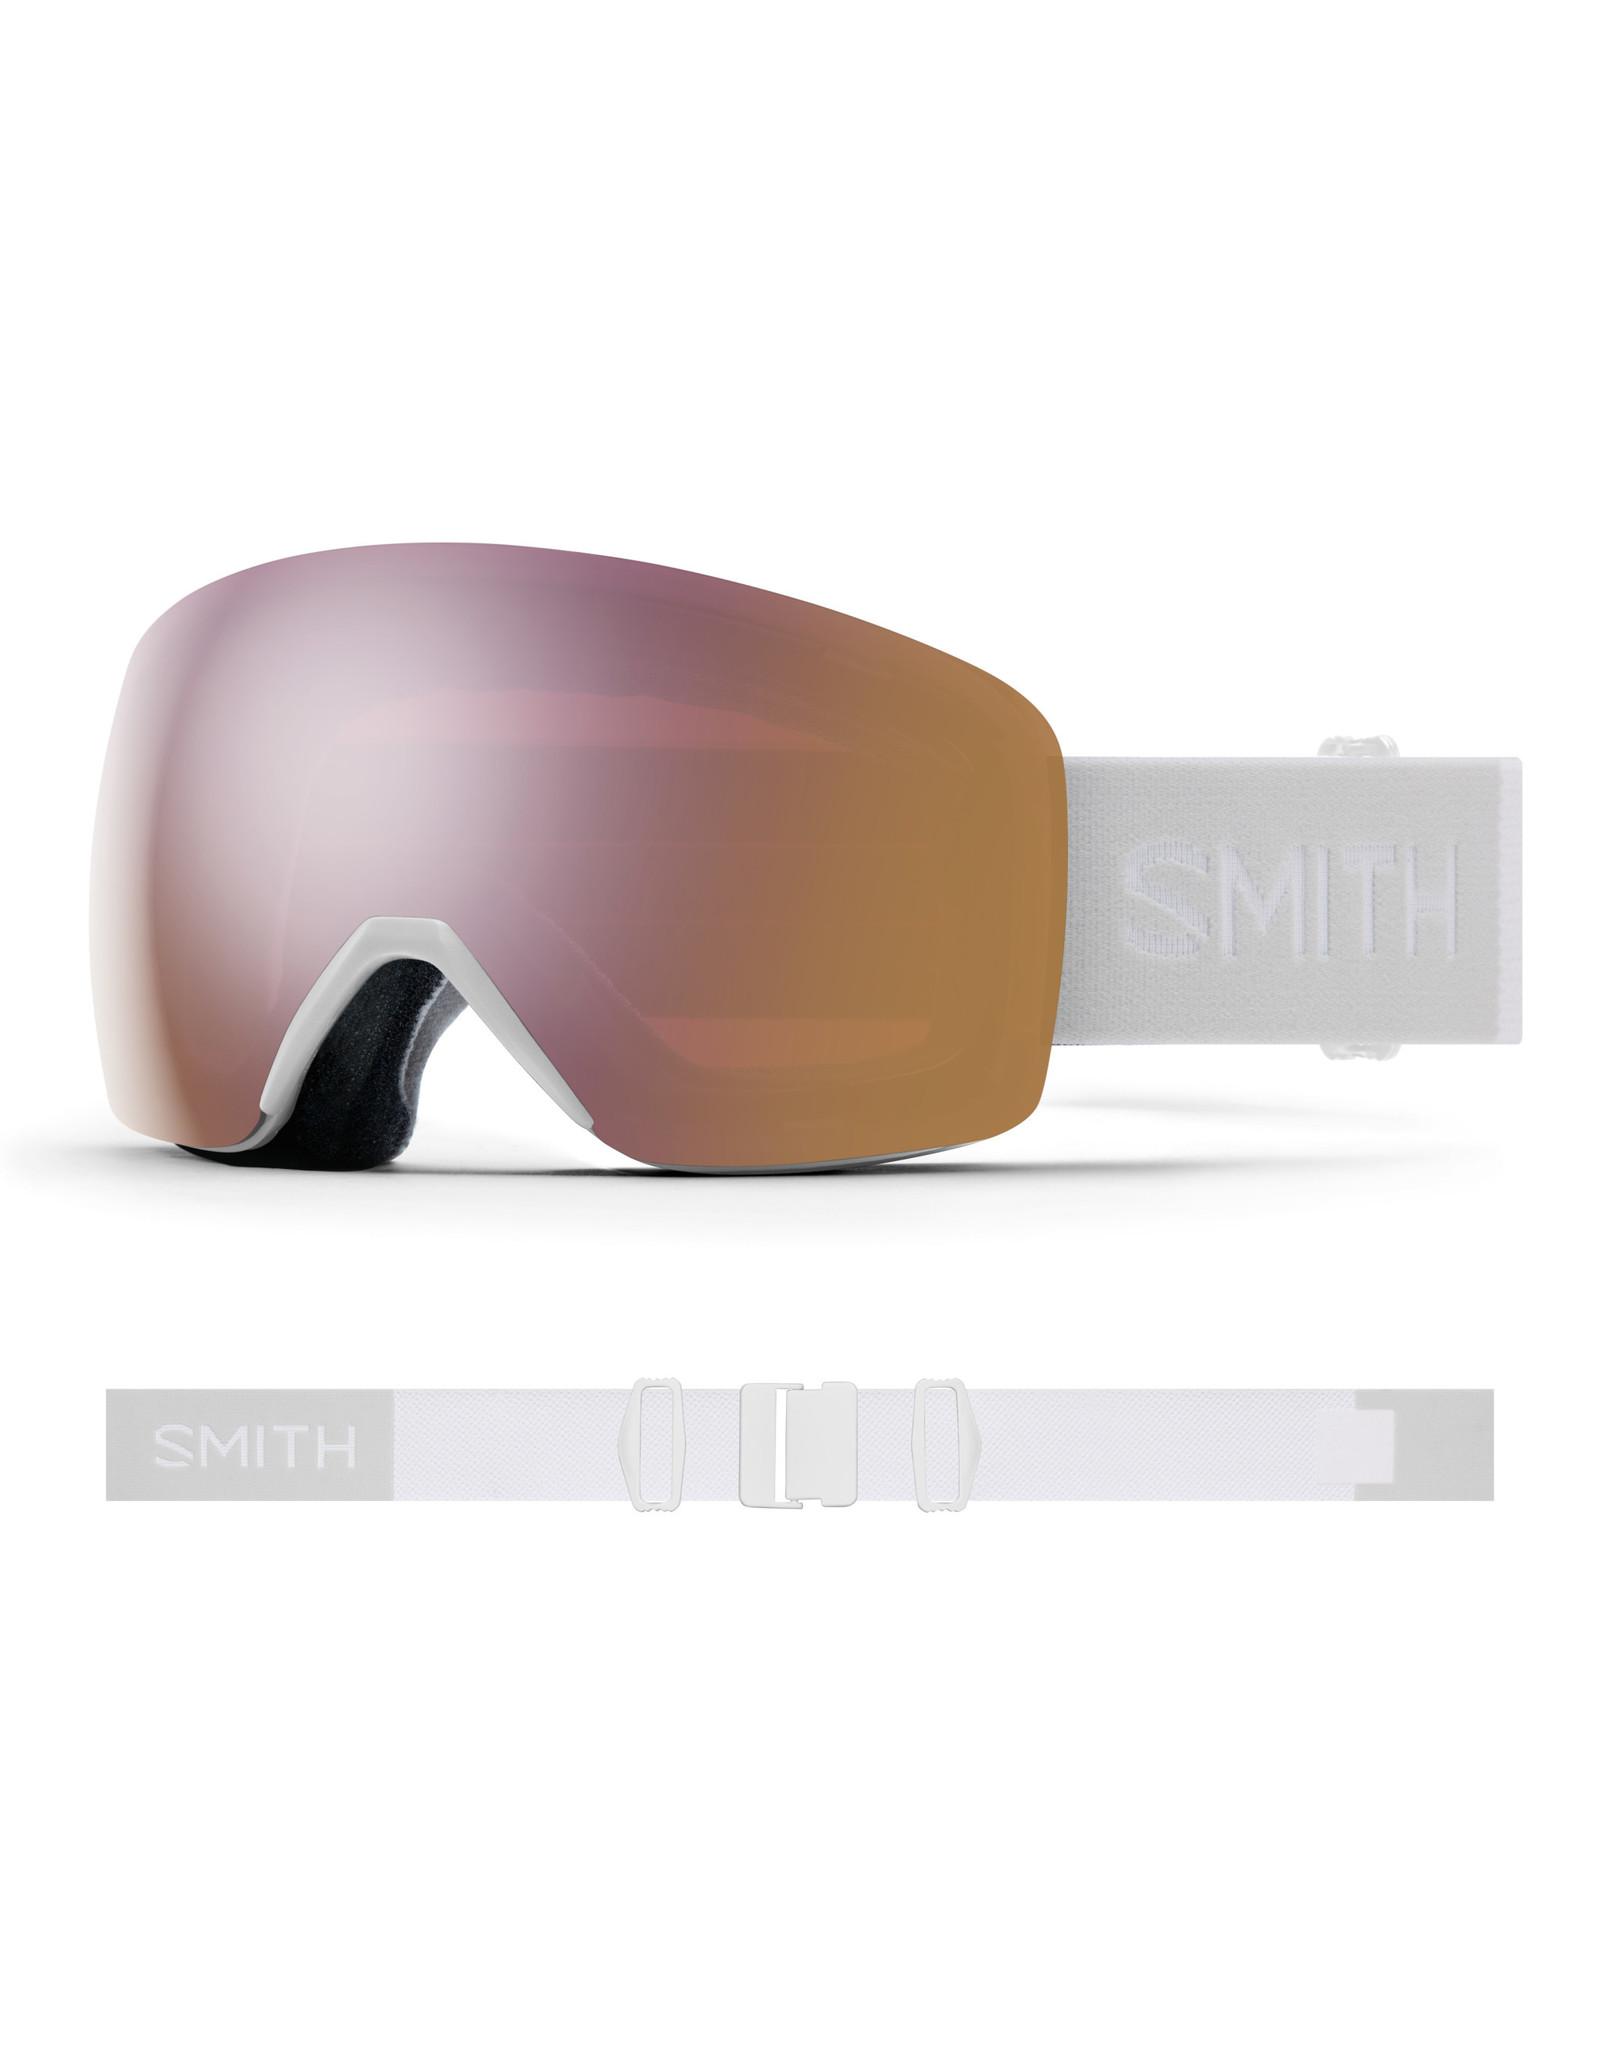 Smith SMITH SKYLINE WHITE VAPOR 20 LUNETTES DE SKI